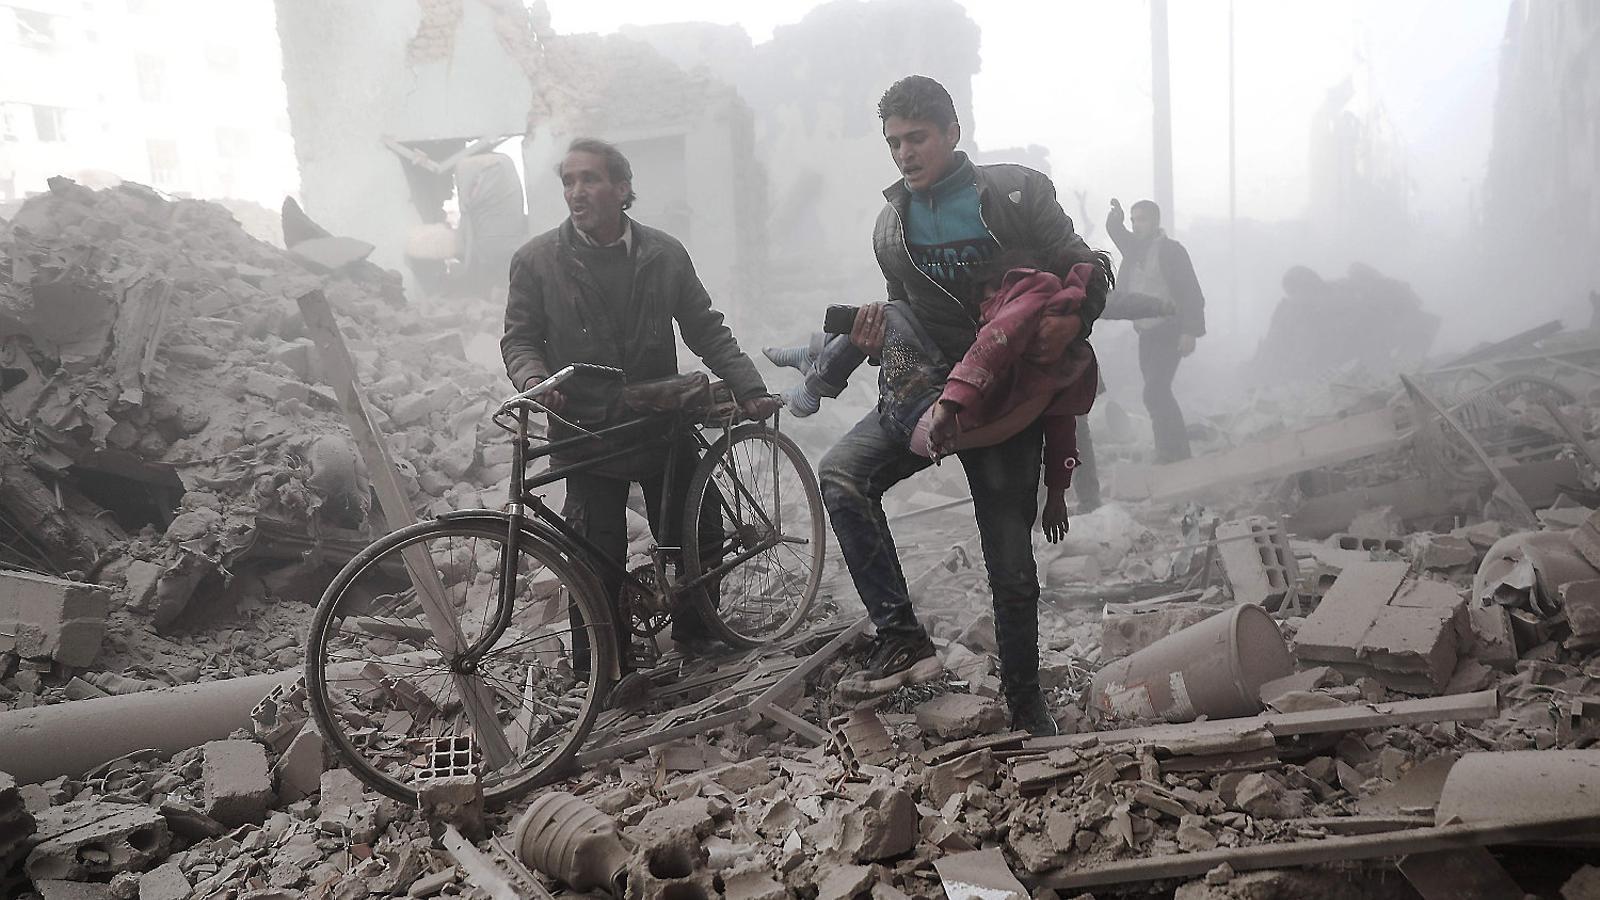 Ferits en un bombardeig  del règim sirià i Rússia a Duma, a la perifèria de Damasc.